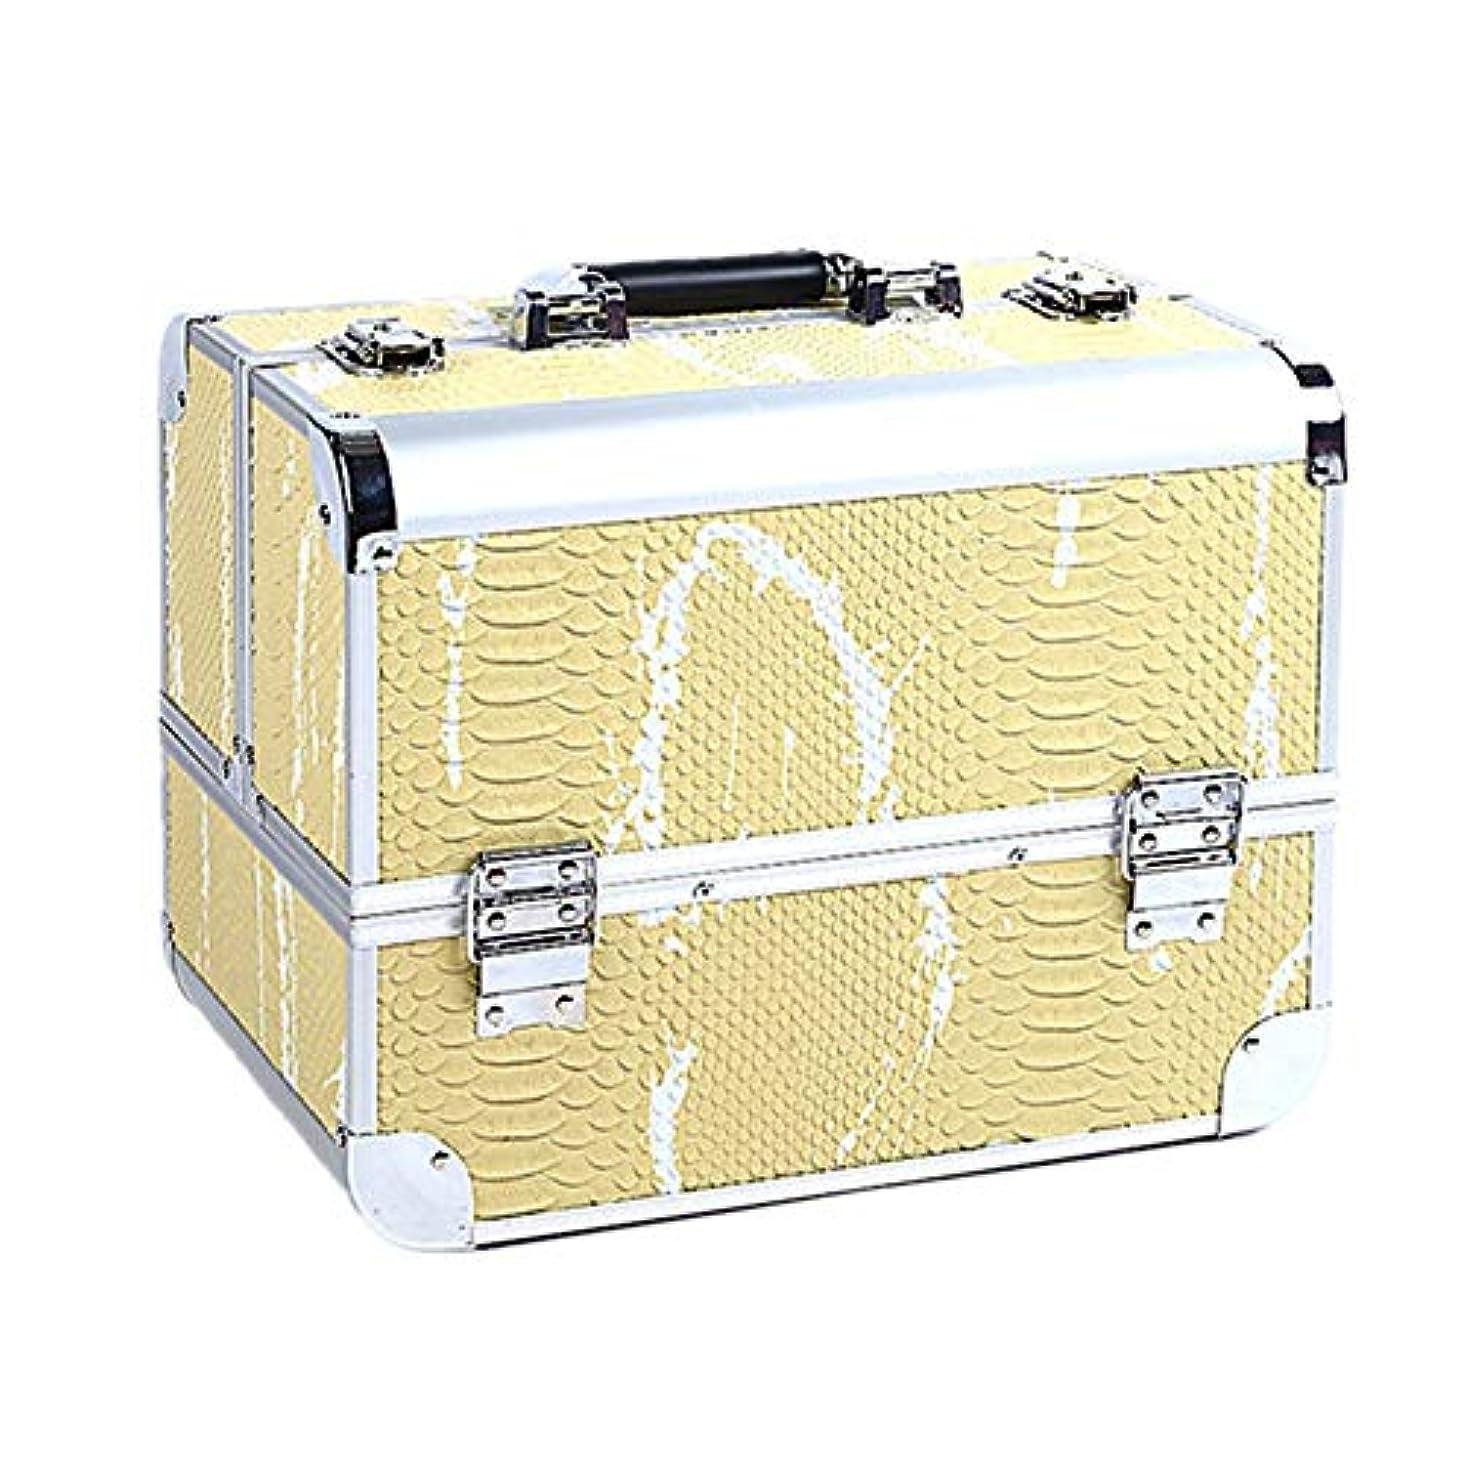 大事にするルアーベアリングサークル化粧オーガナイザーバッグ 大容量ポータブル化粧品ケース用トラベルアクセサリーシャンプーボディウォッシュパーソナルアイテムストレージロックと拡張トレイ 化粧品ケース